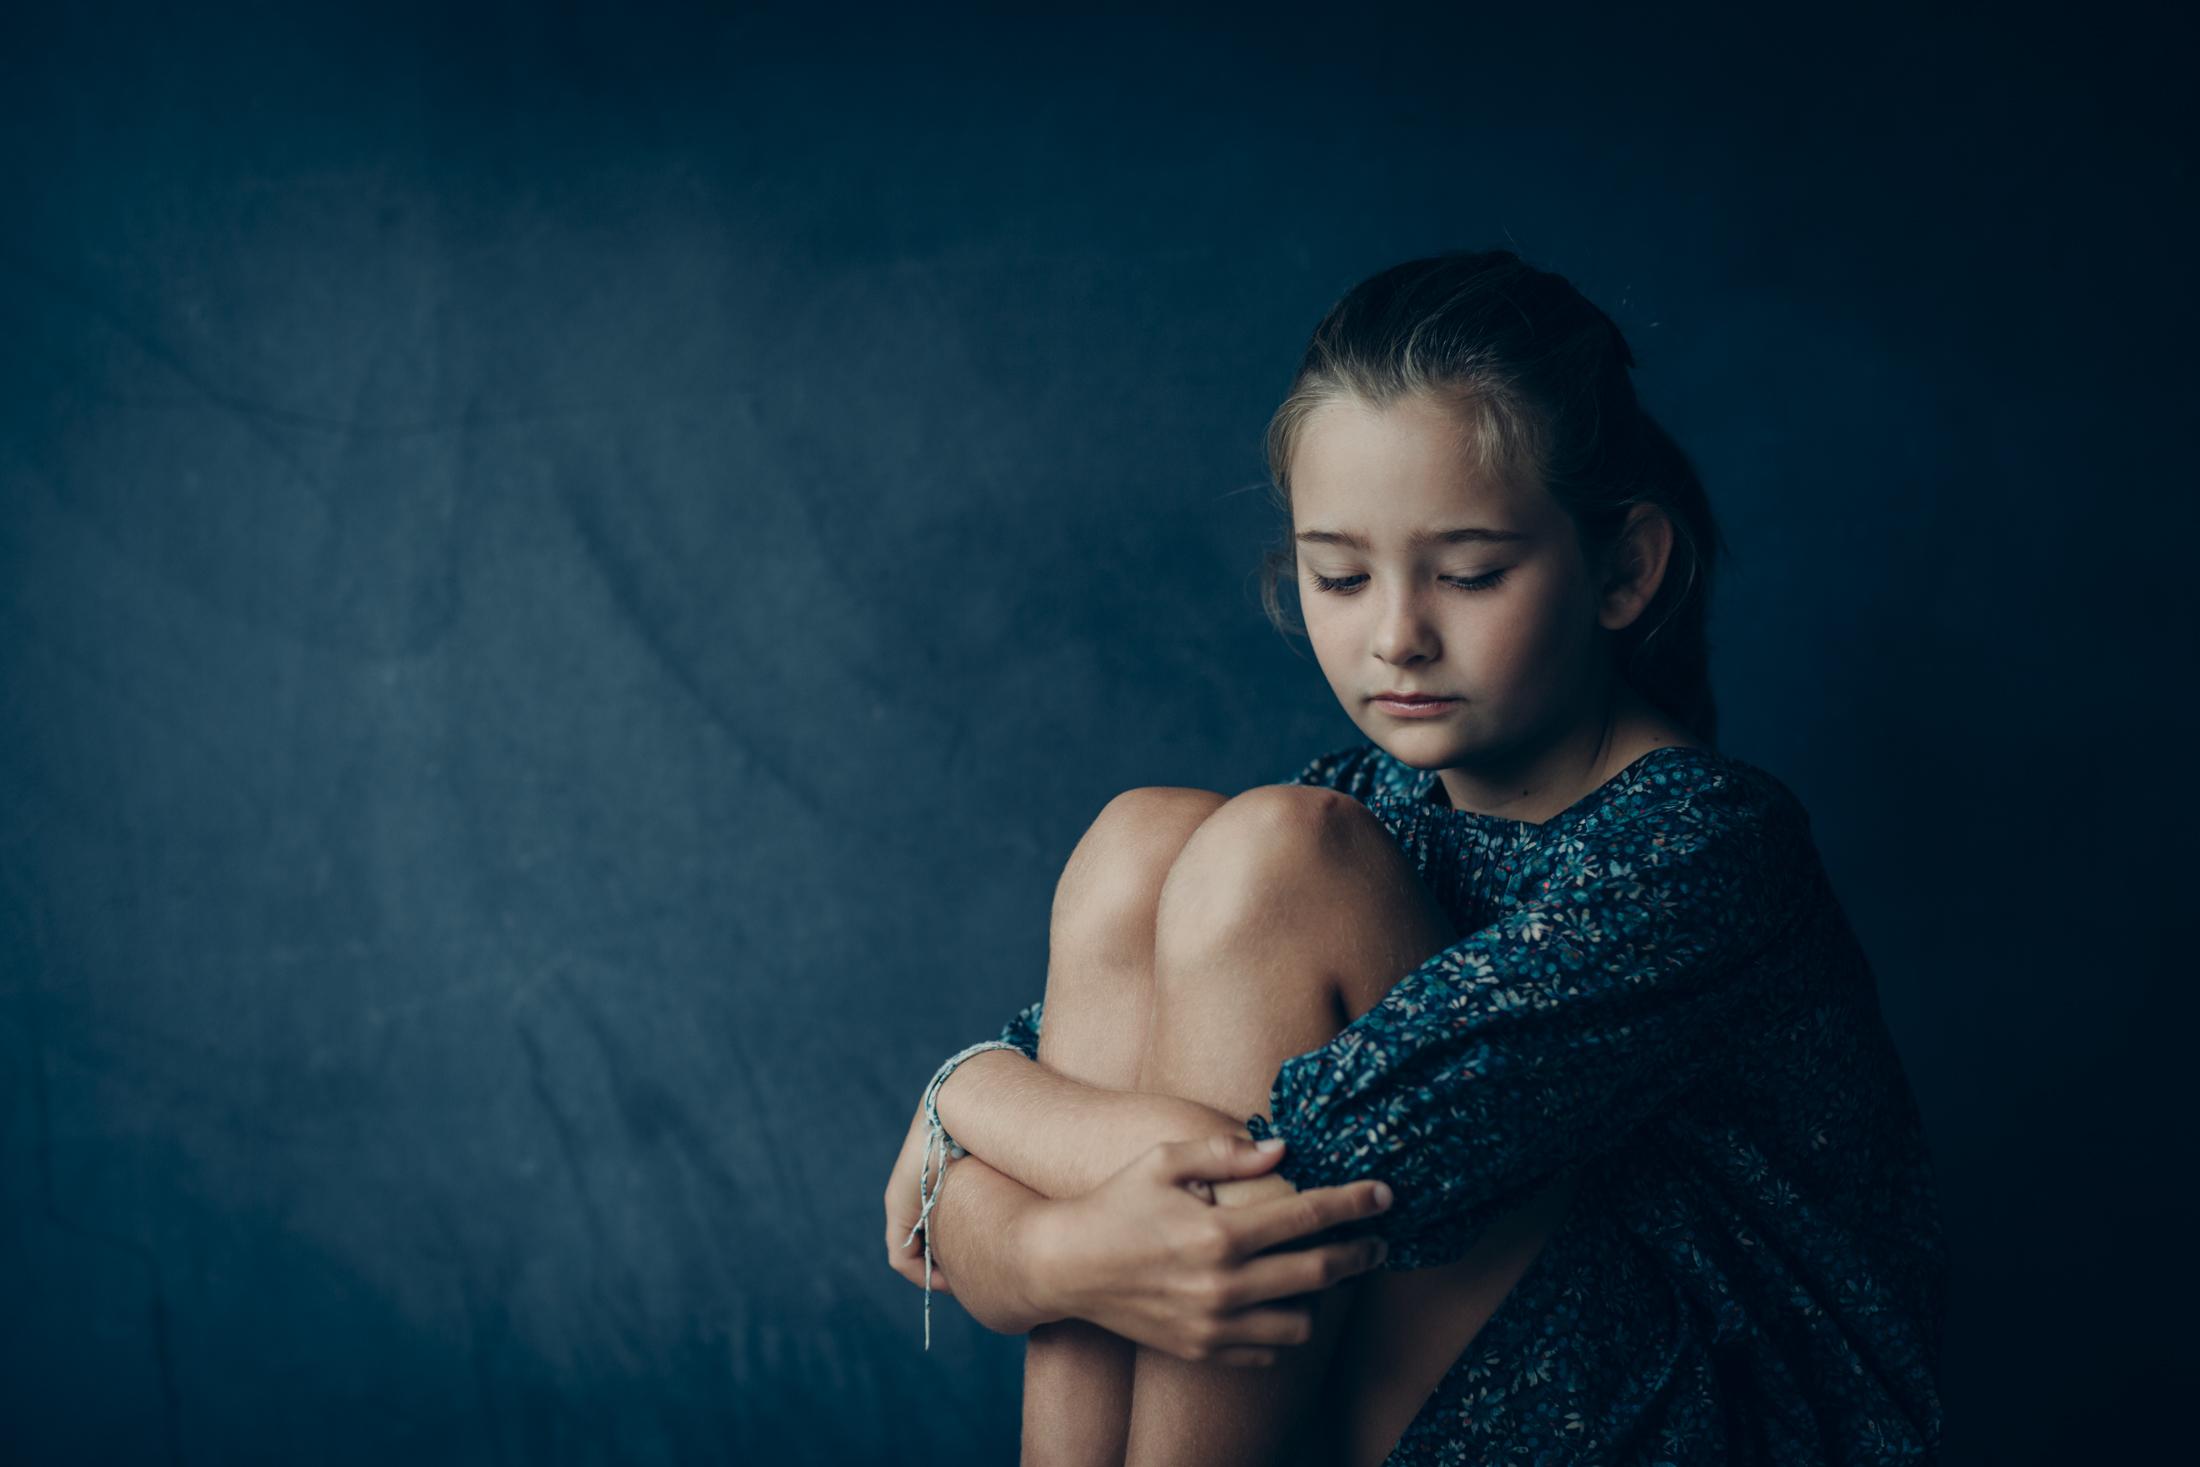 sydney_child_portrait_photgrapher_sheridan_nilsson-4610.jpg